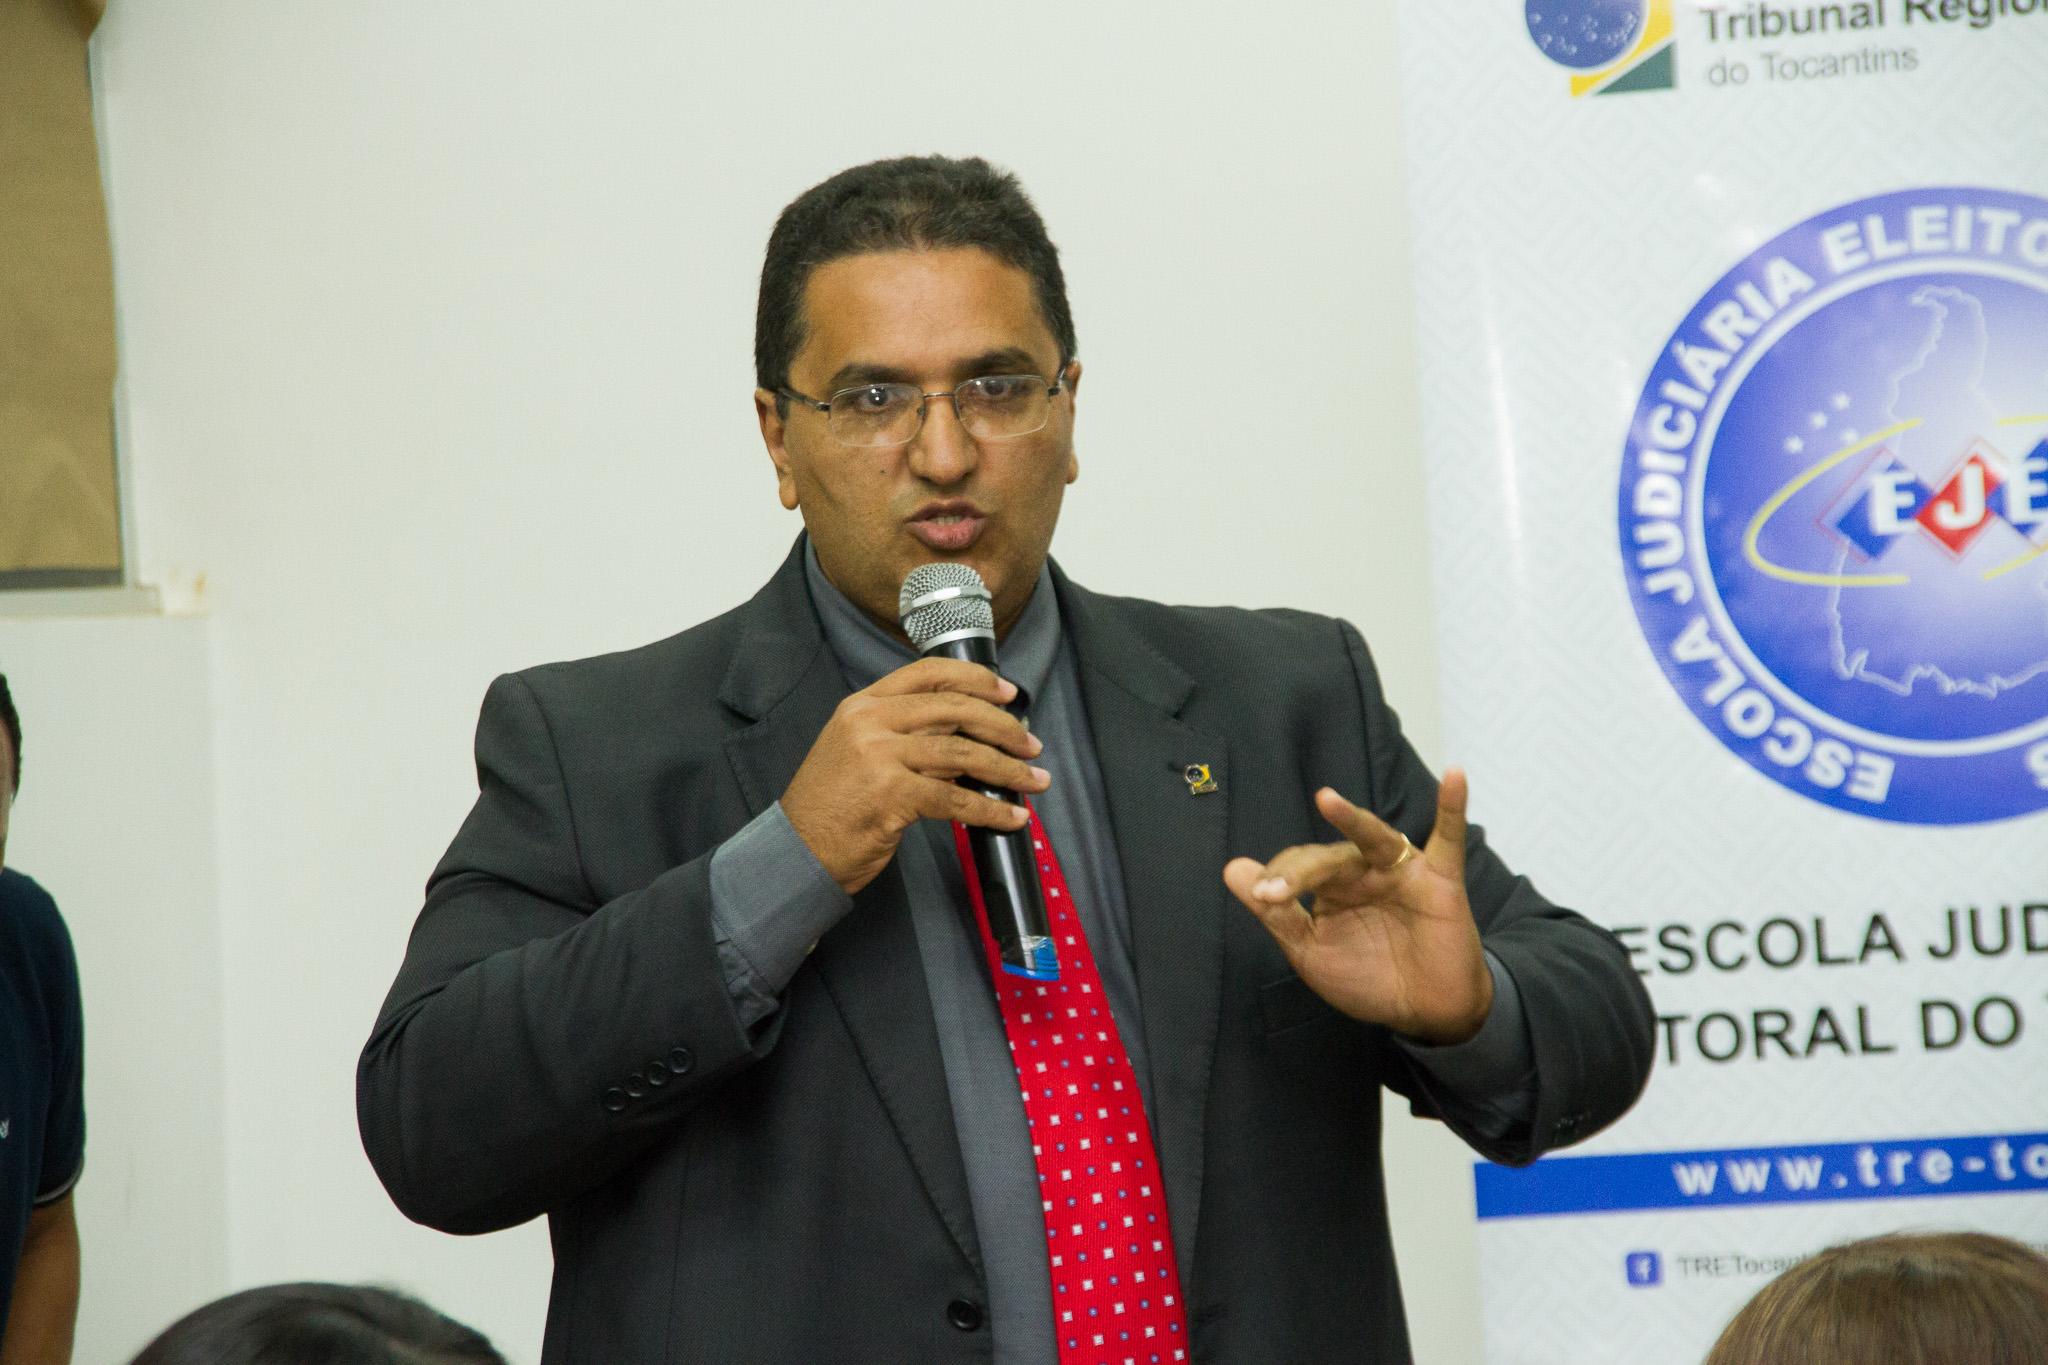 Diretor Geral do TRE José Machado dos Santos diz que brasileiro deve se orgulhar de ter o melhor sistema eleitoral do mundo